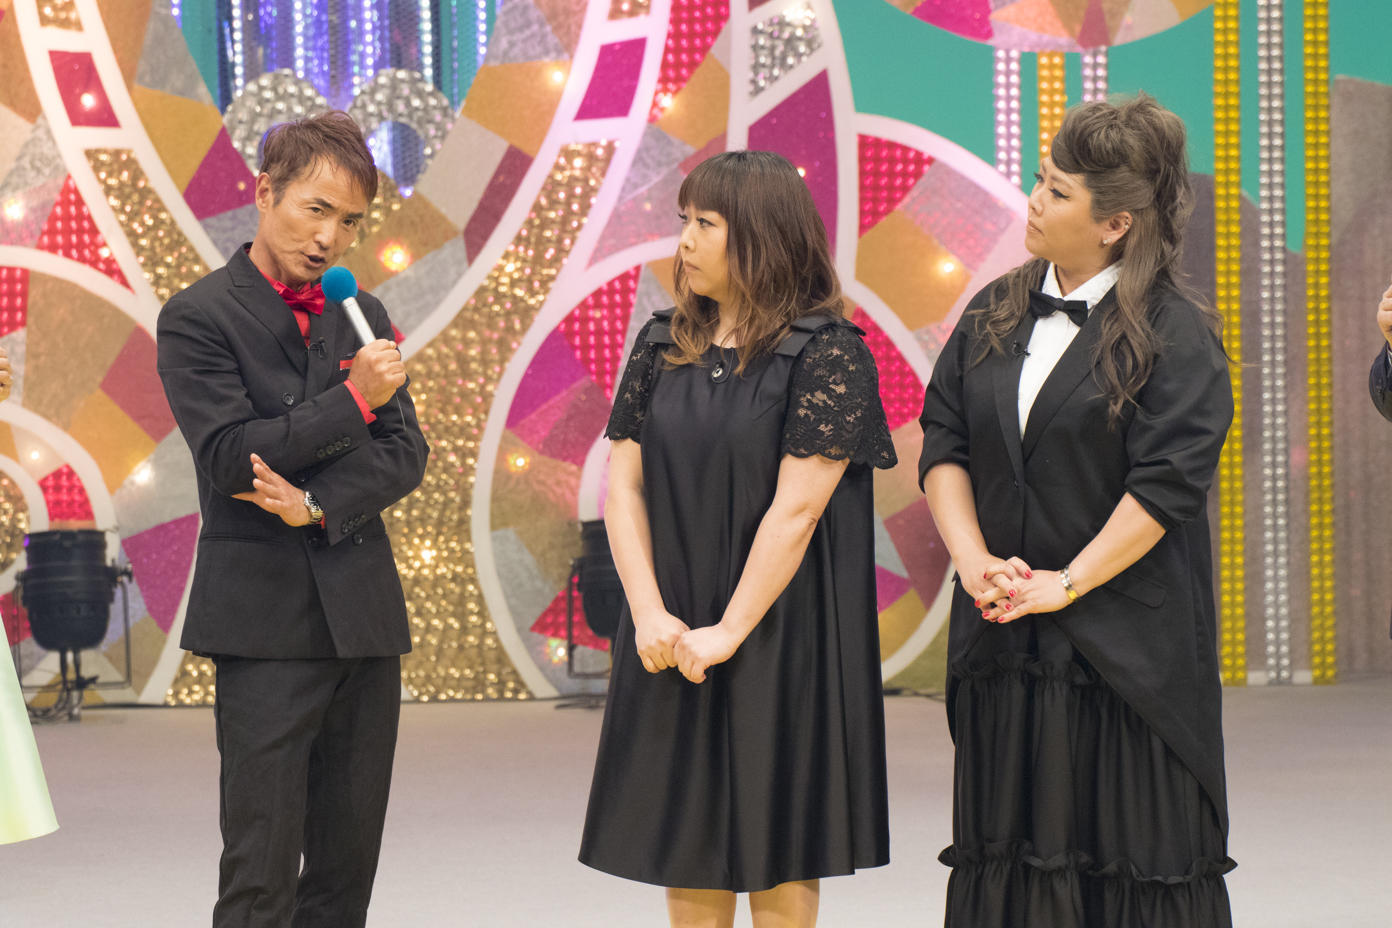 http://news.yoshimoto.co.jp/20170507224008-ffa11463371bf37fcf2050888cc57a6ad396992f.jpg